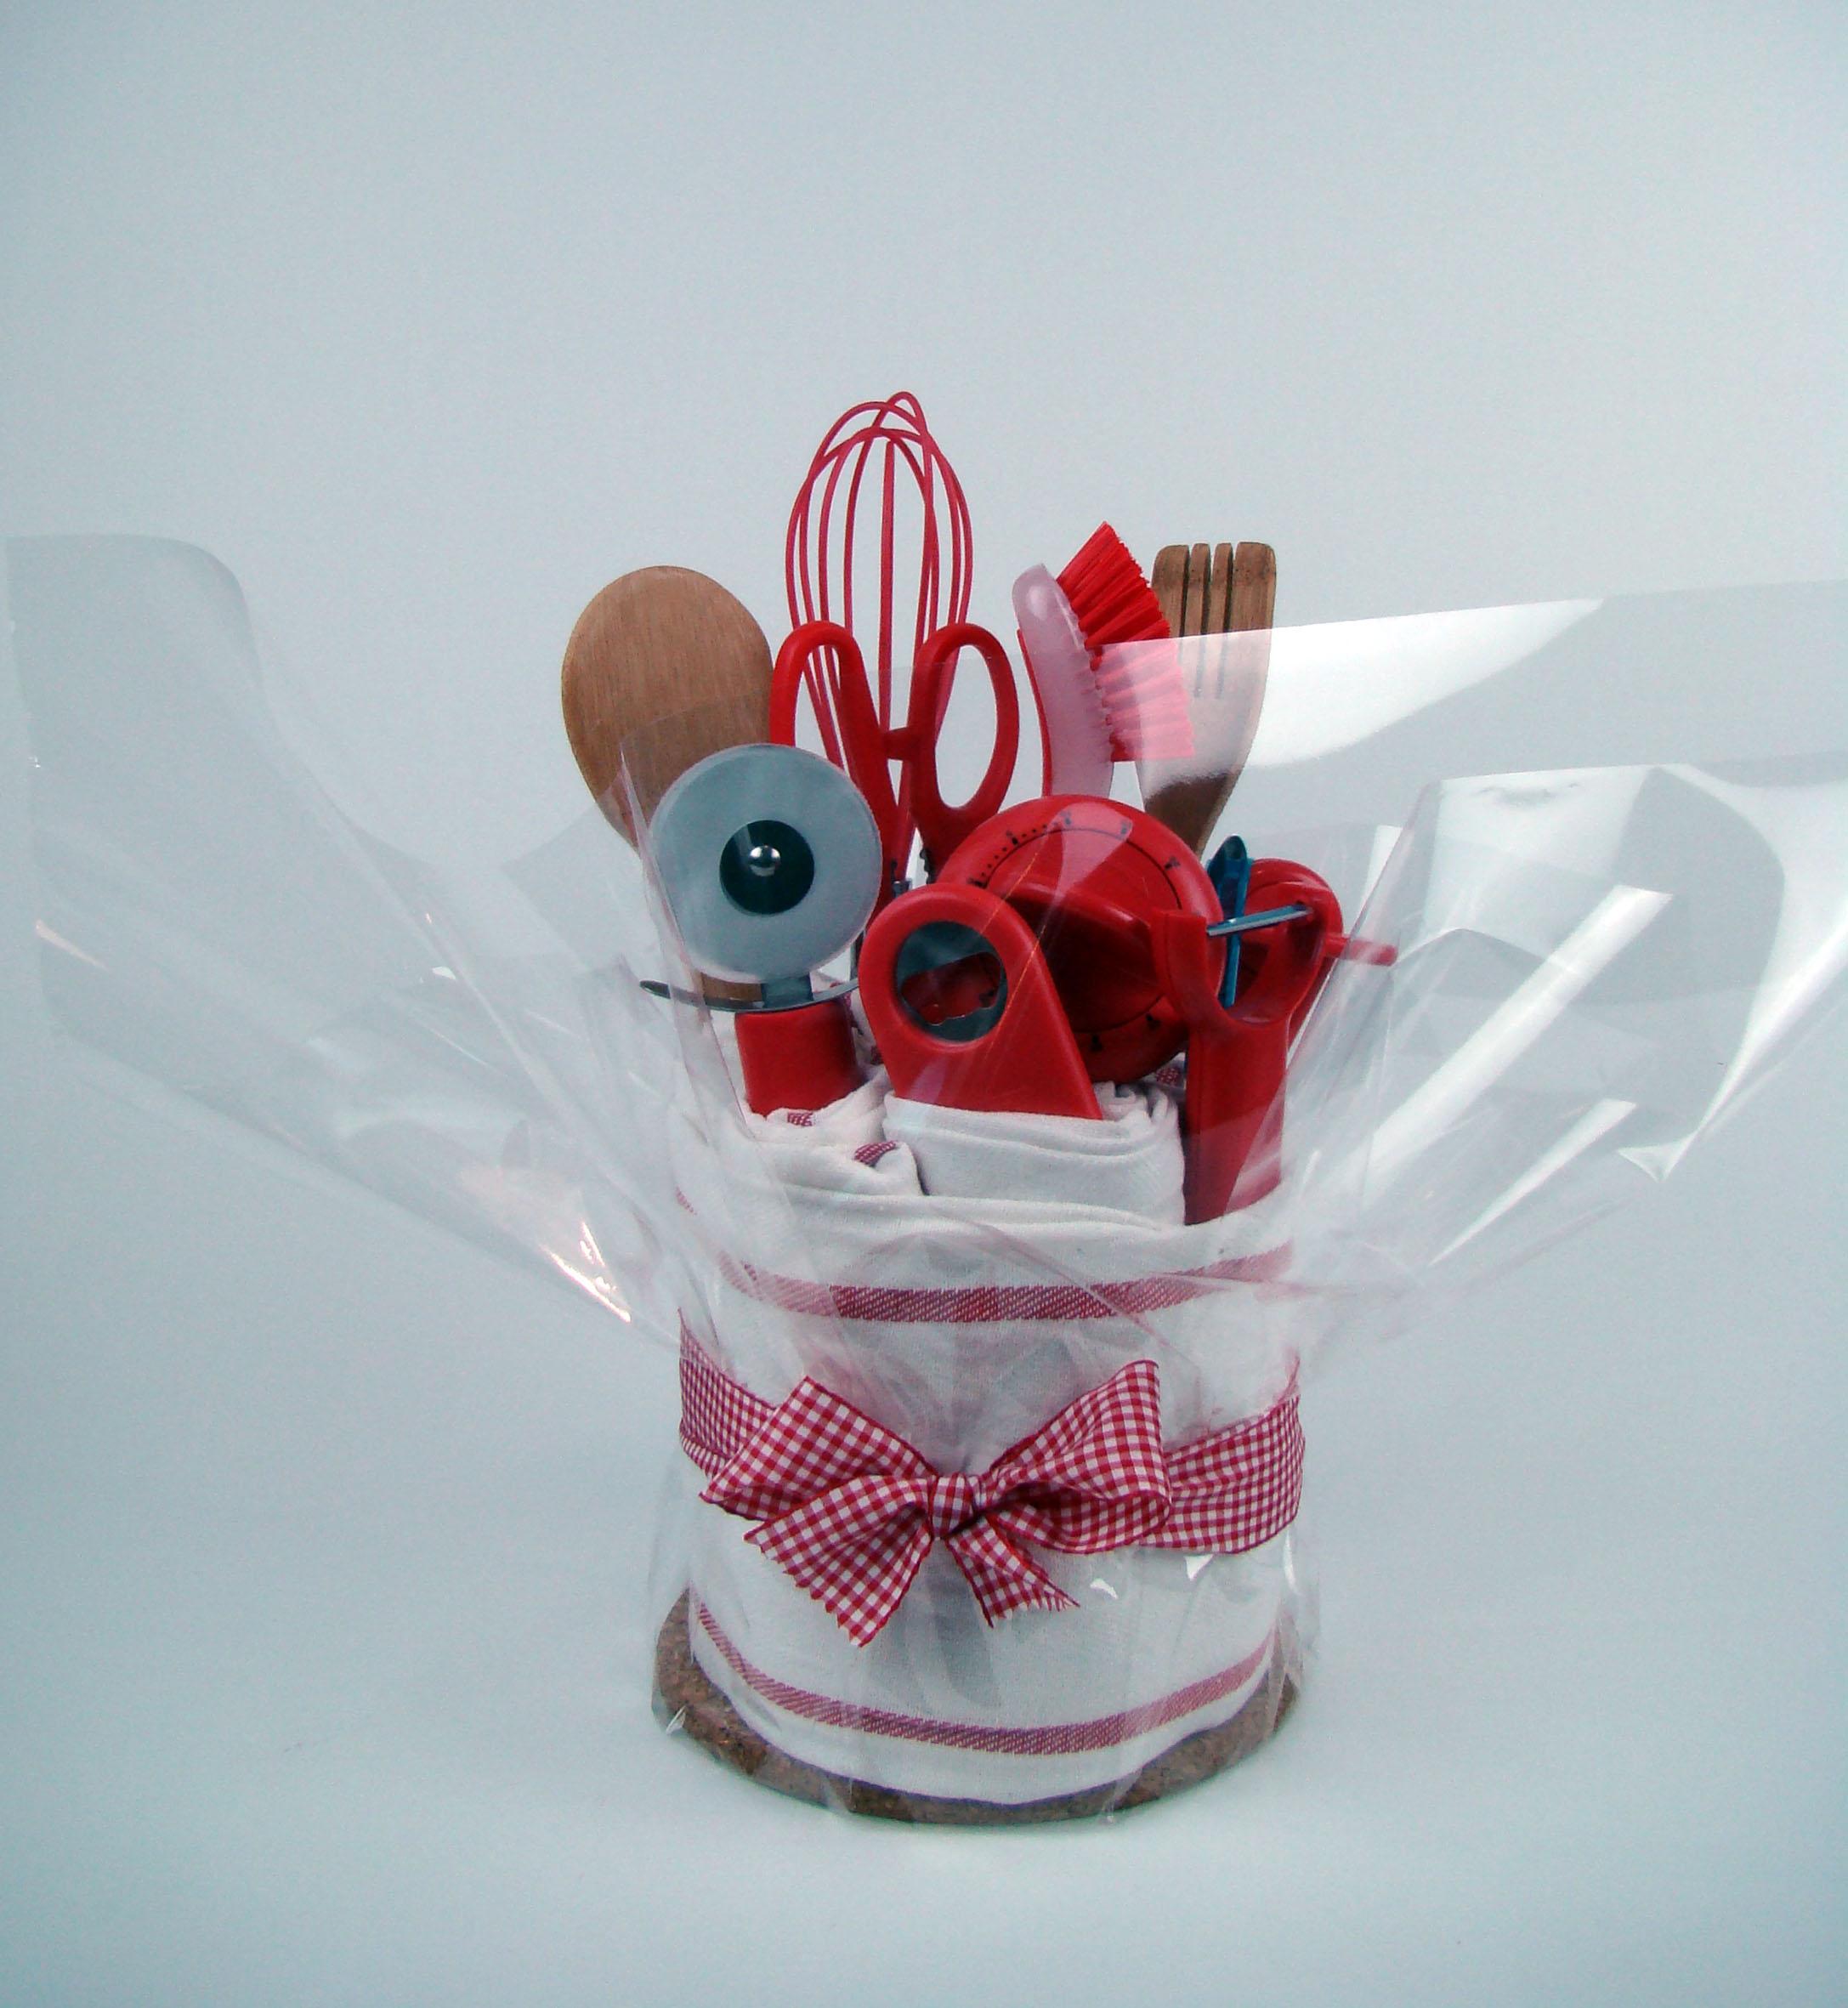 Envolver libros dulces modelados - Envolver libros de forma original ...